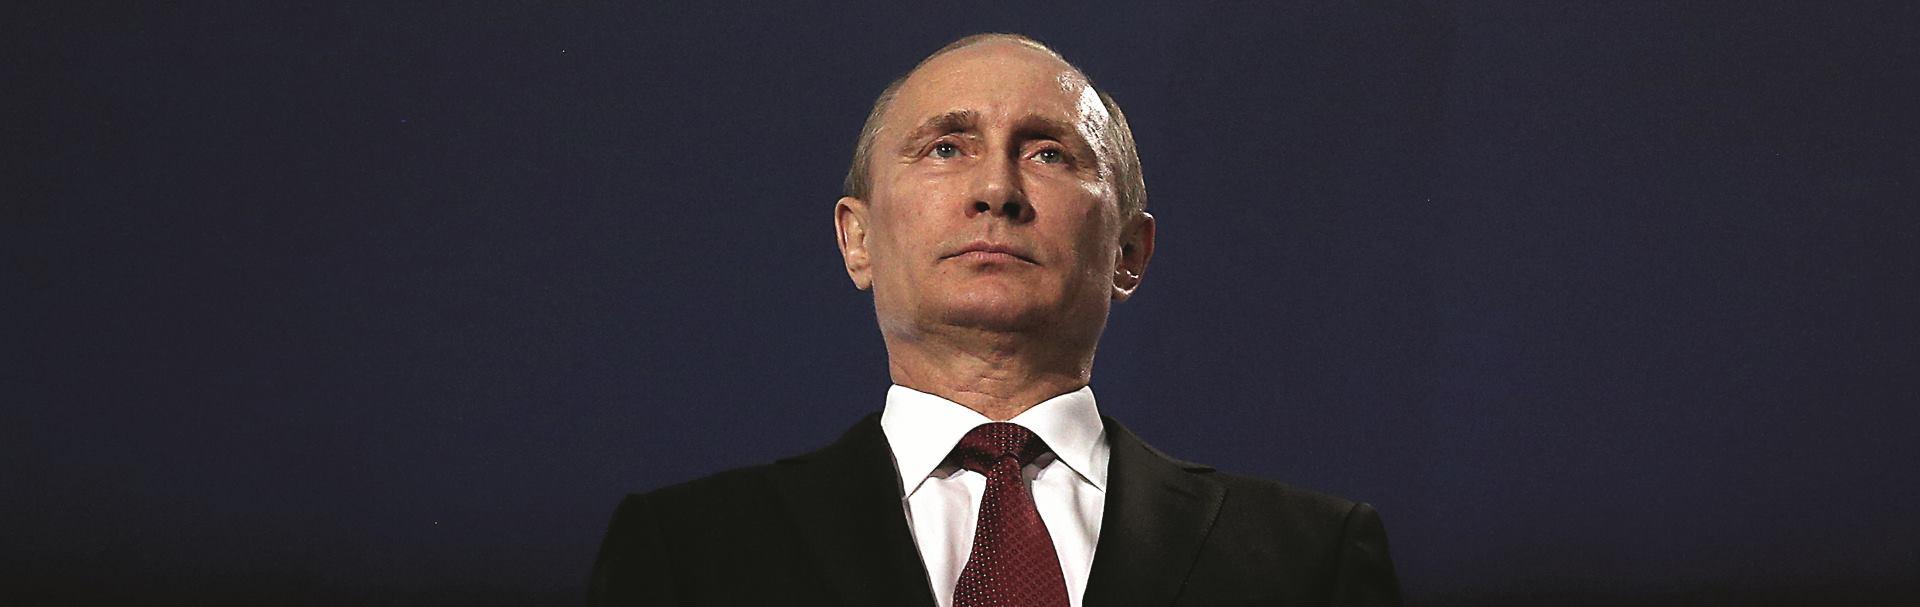 MISTERIOZNO UBOJSTVO: Bivši Putinov savjetnik umro od ozljede glave tupim predmetom